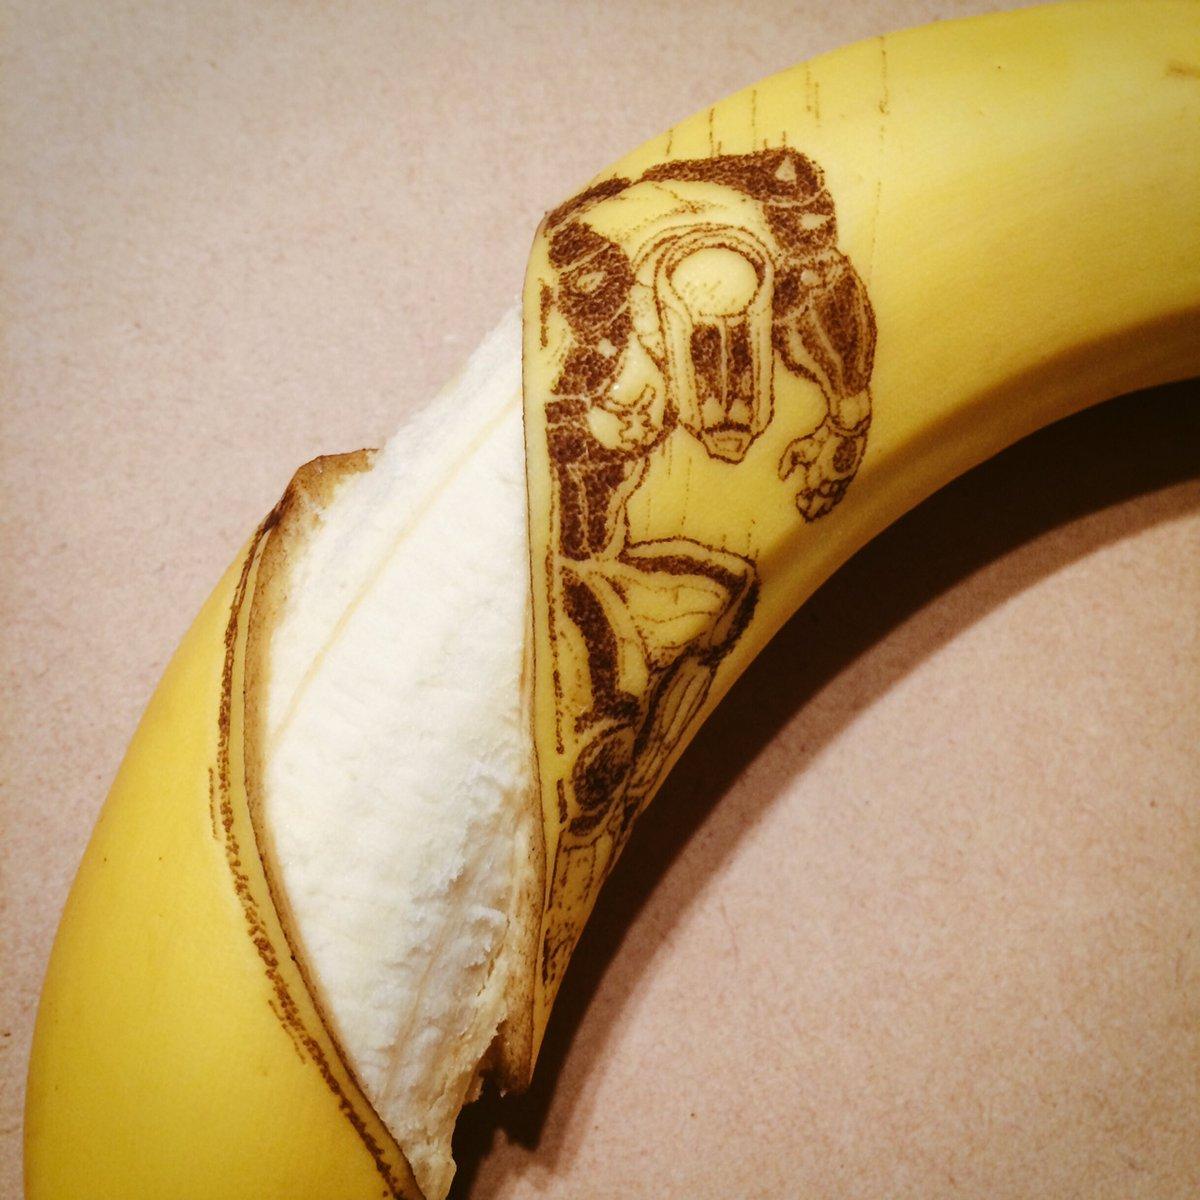 押しピンで皮に穴を開け変色させて描くザ・ハンドにかかればバナナすらけずり取るッ!ガォン!#jojo_anime #スタンド #バナナート pic.twitter.com/C0FrqjXh0o